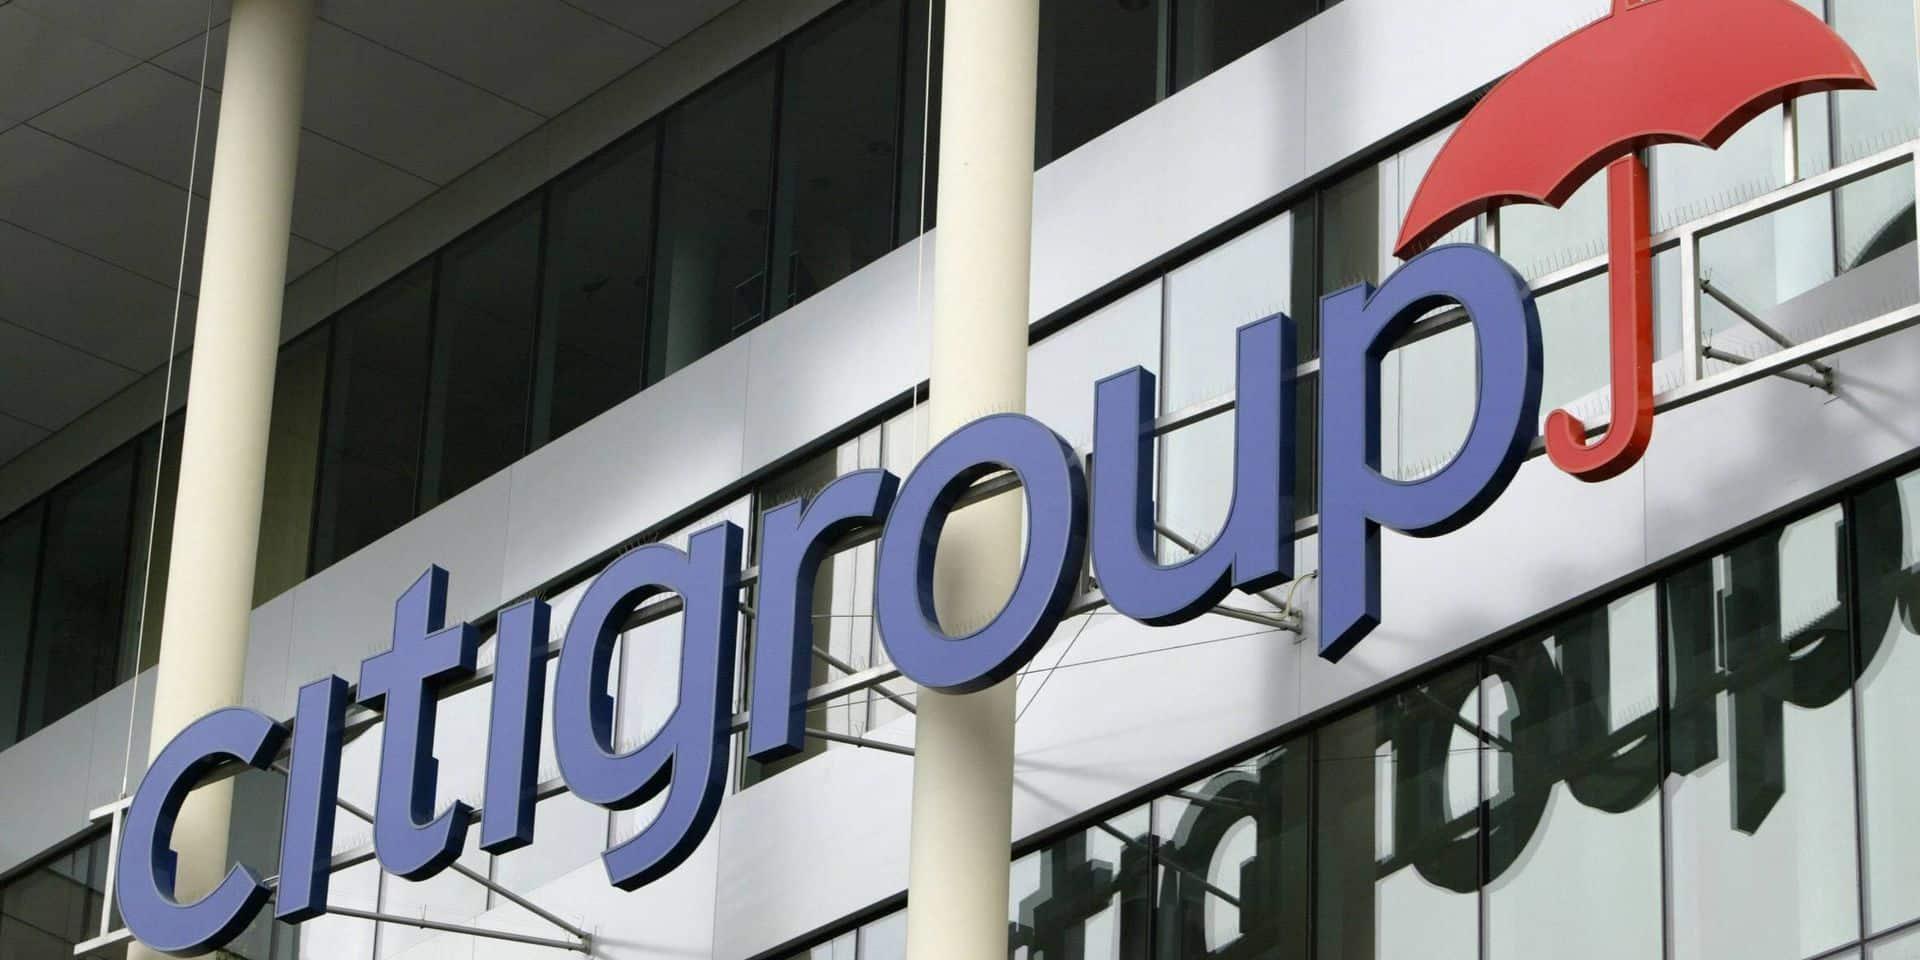 La banque Citigroup verse 900 millions de dollars... par erreur